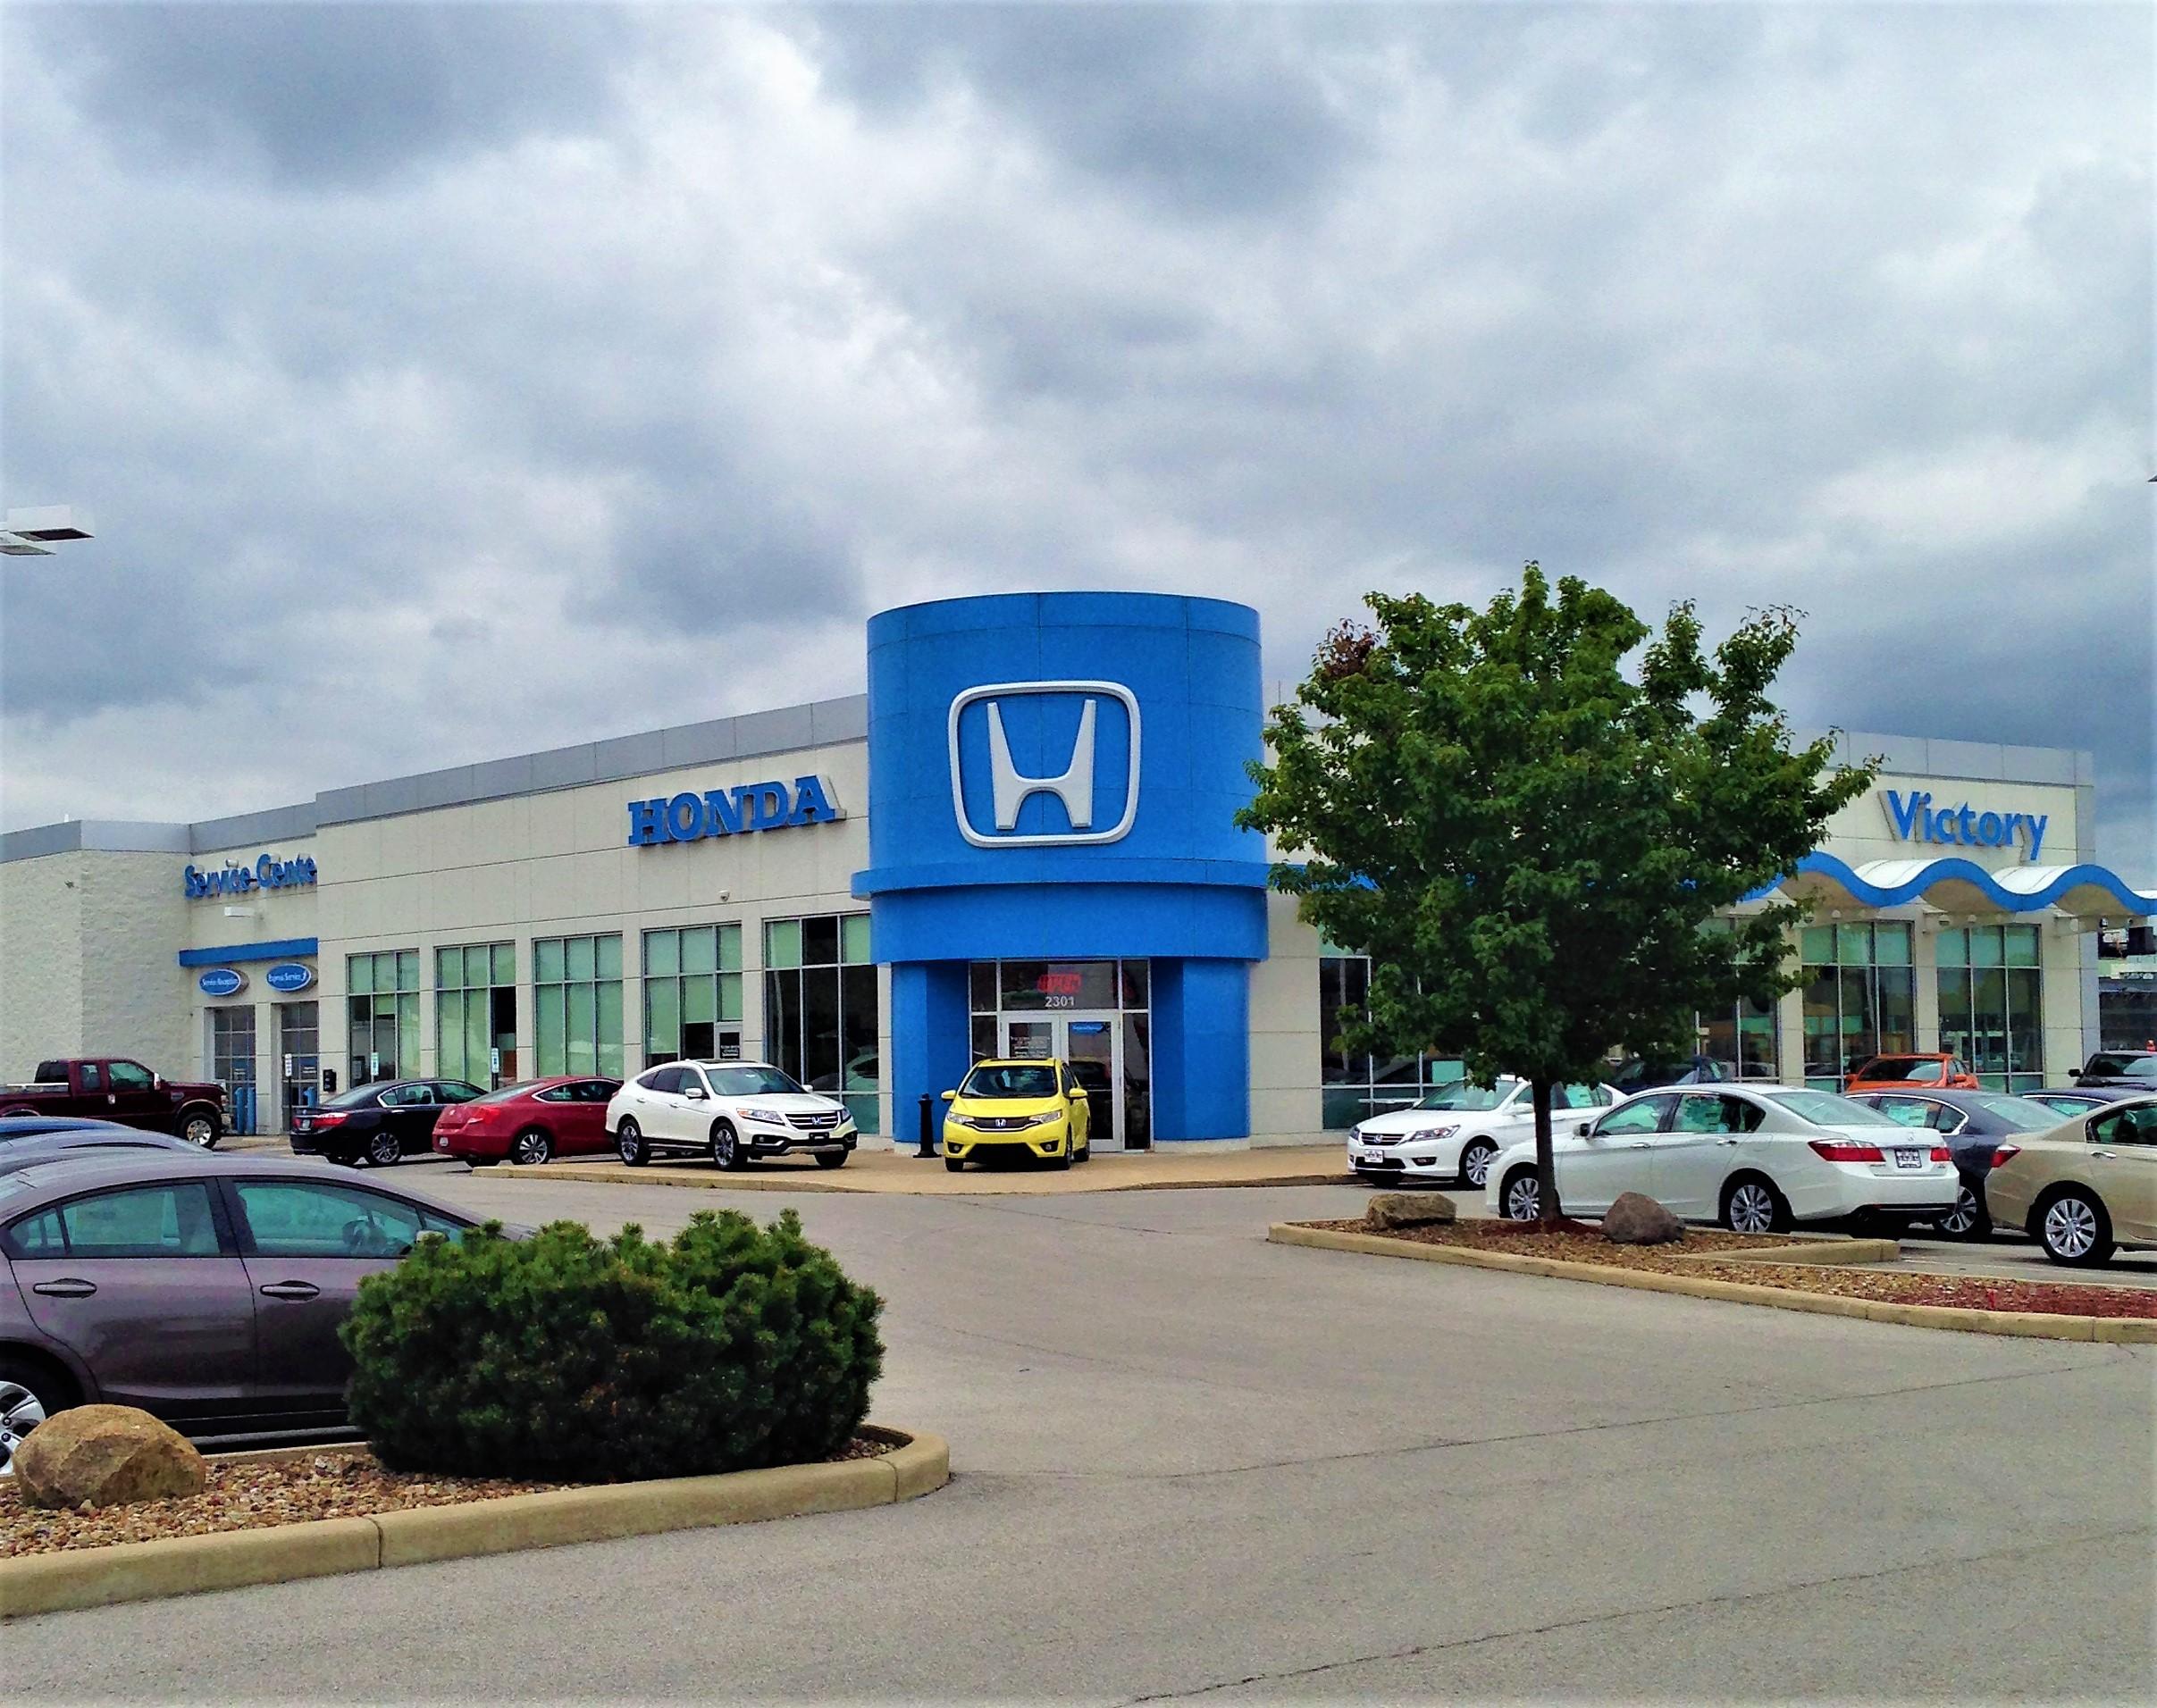 Victory Honda Sandusky Ohio Used Cars